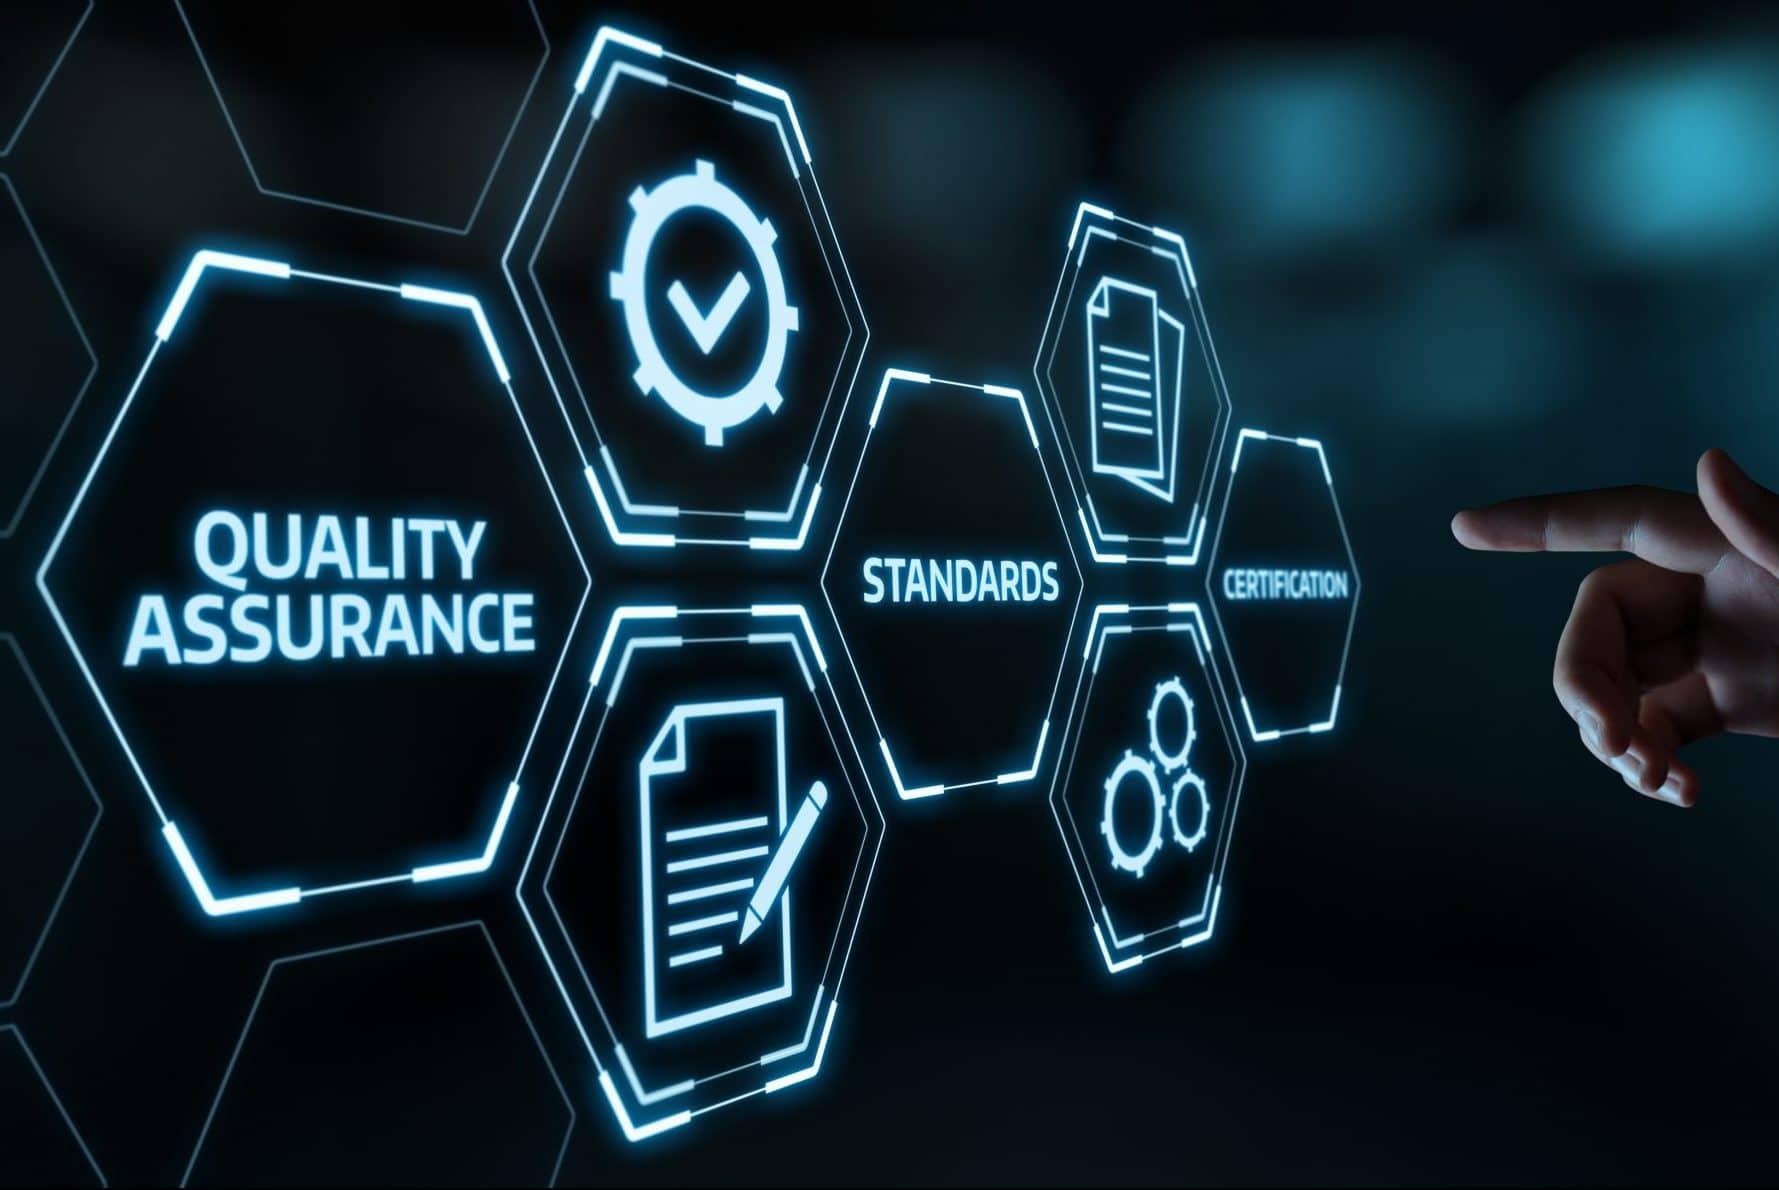 Branchenlösung Quality Assurance für Mittelstand 4.0